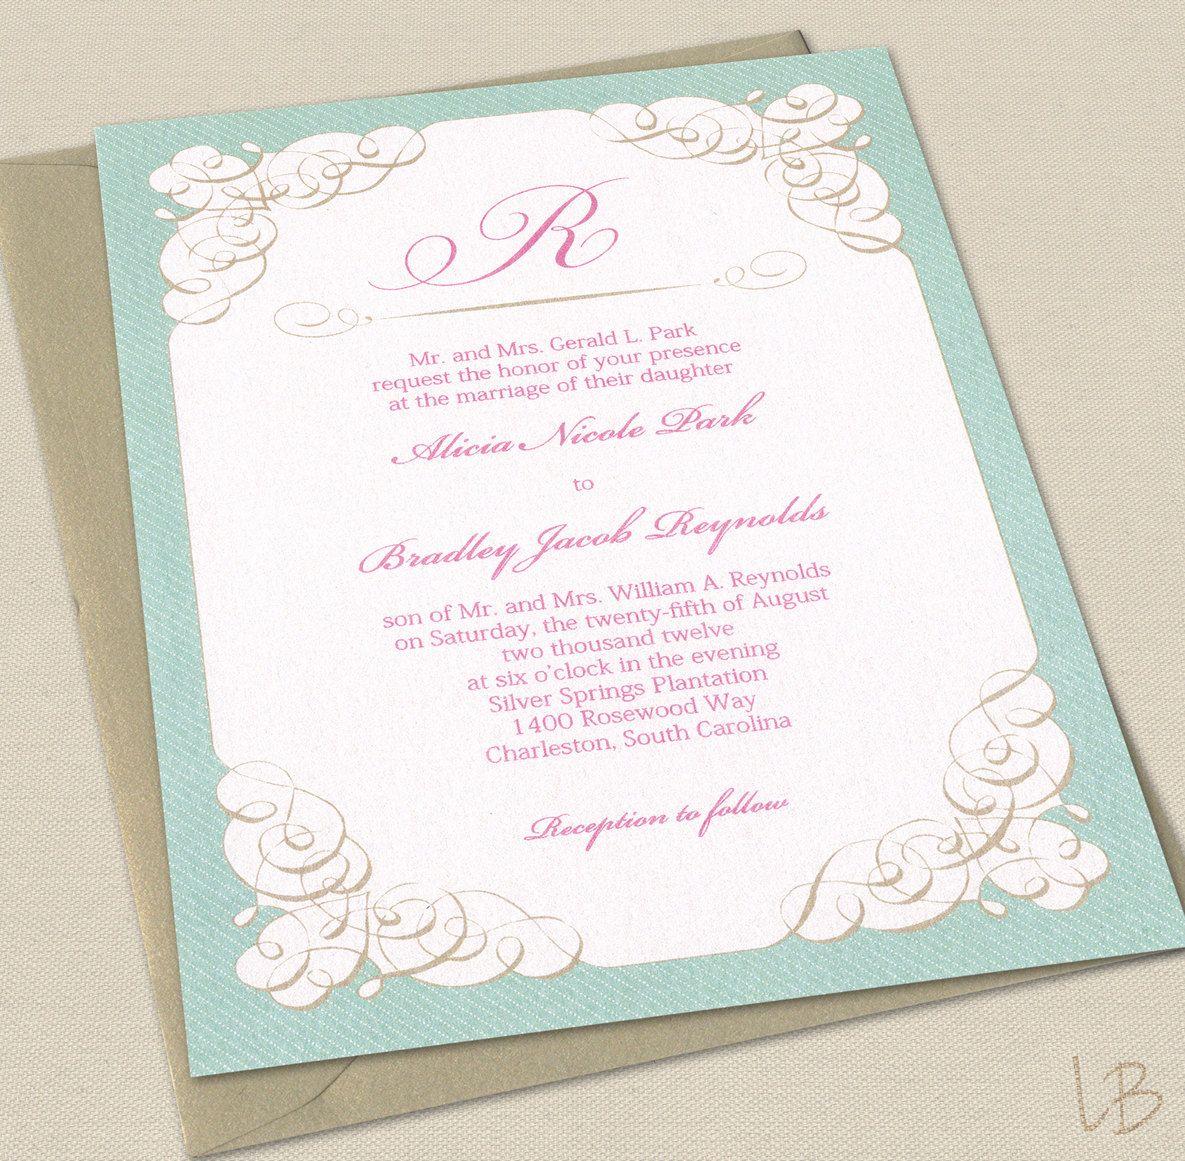 Victorian Wedding Invitation Sample Set - Elegant Shabby Chic ...